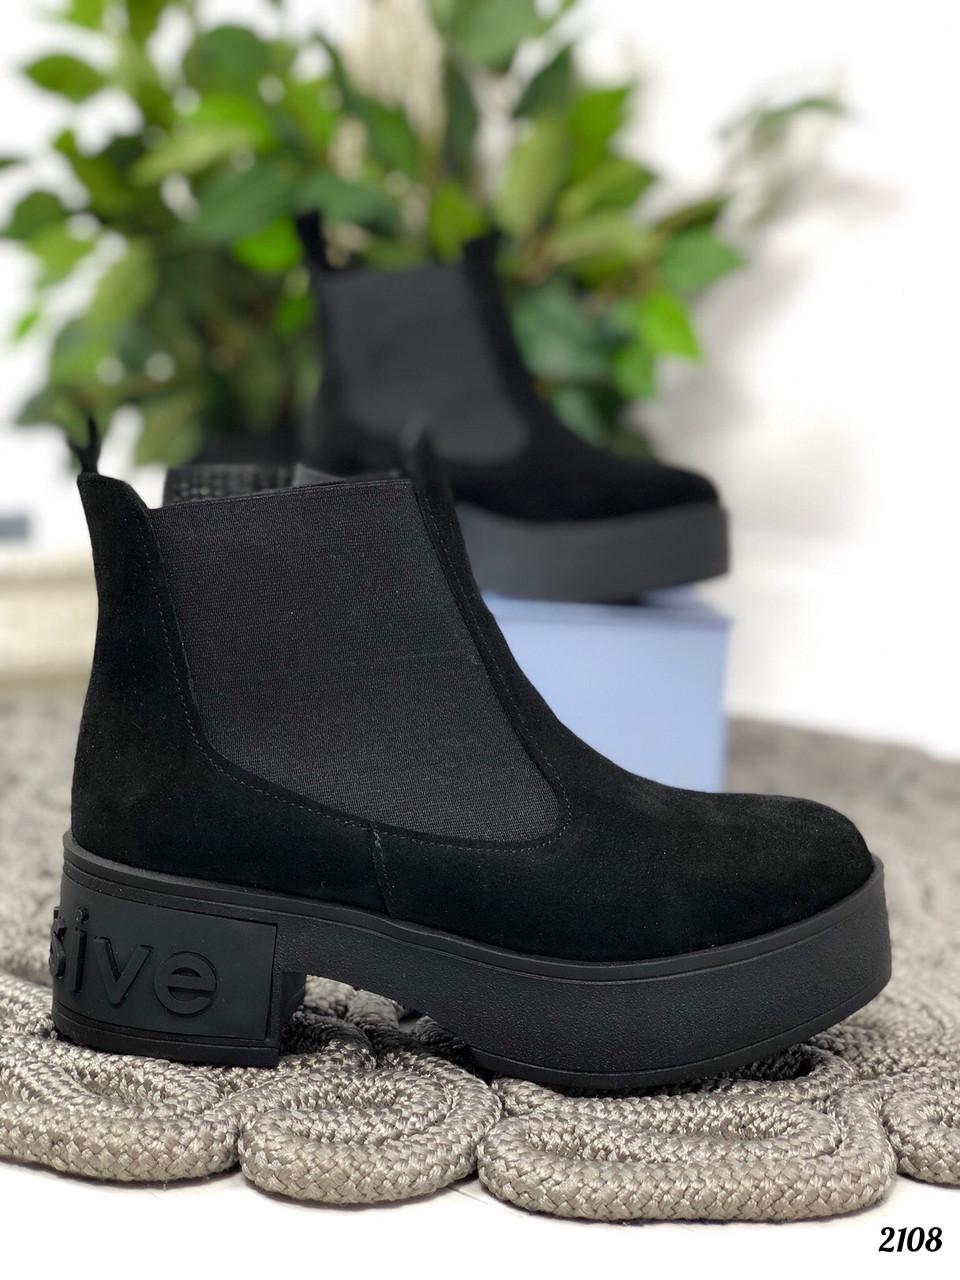 36 р. Ботинки женские деми черные замшевые на среднем каблуке, демисезонные, из натуральной замши, замша